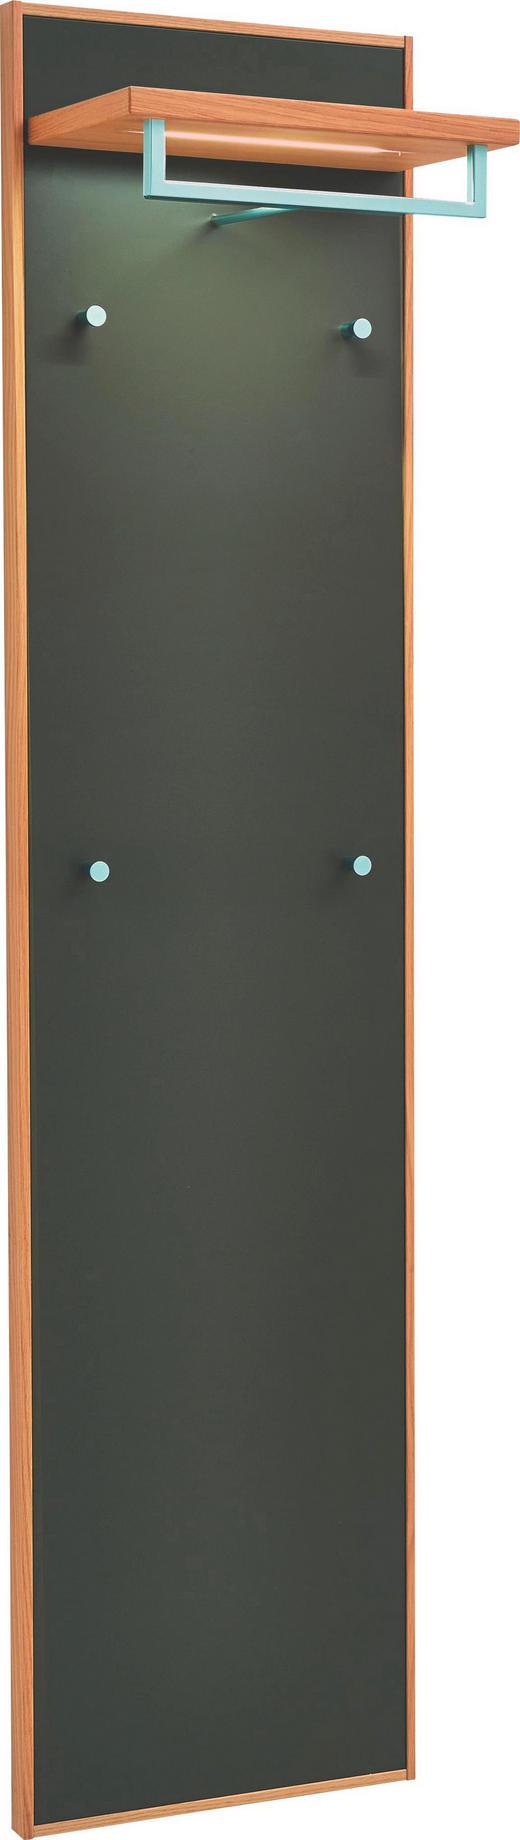 GARDEROBENPANEEL Eiche teilmassiv lackiert Dunkelbraun, Eichefarben - Eichefarben/Dunkelbraun, Design, Holz (44/183/29cm)